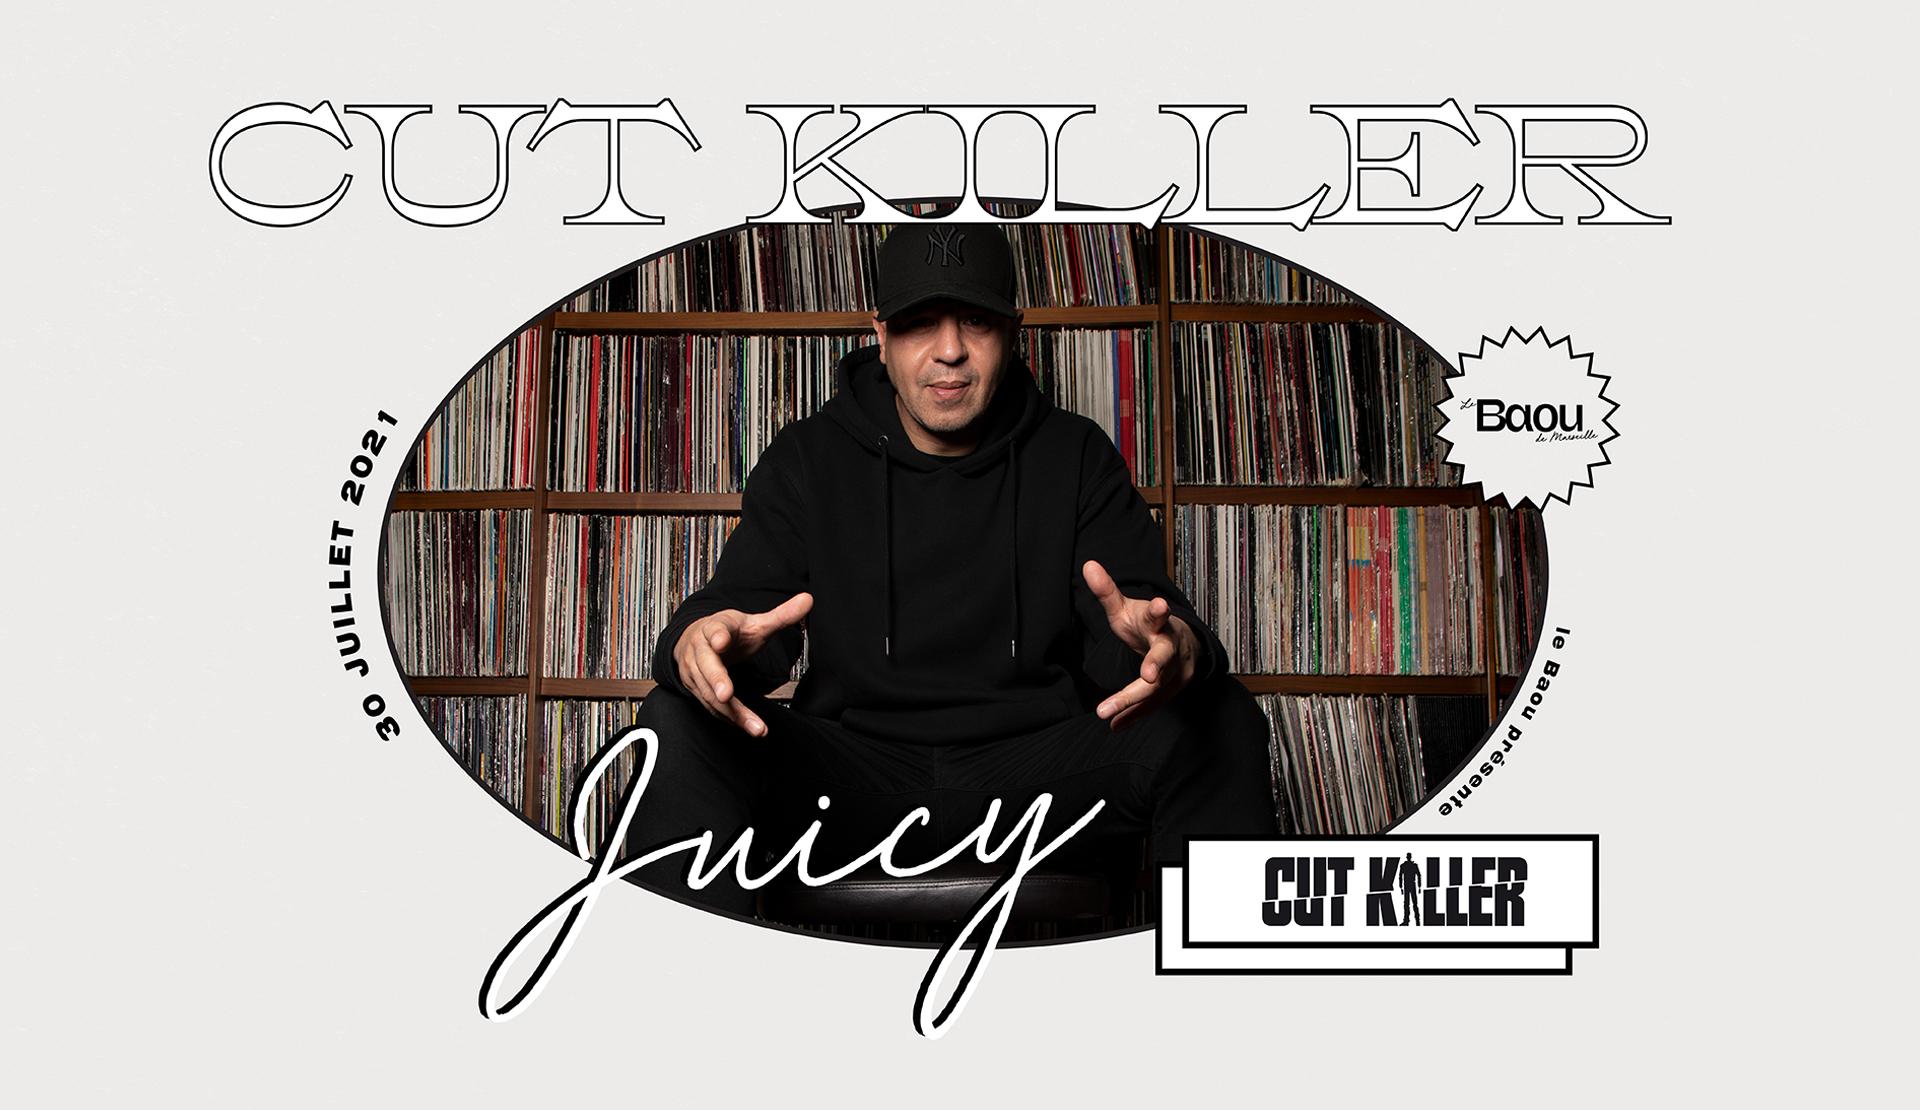 Juicy : CUT KILLER